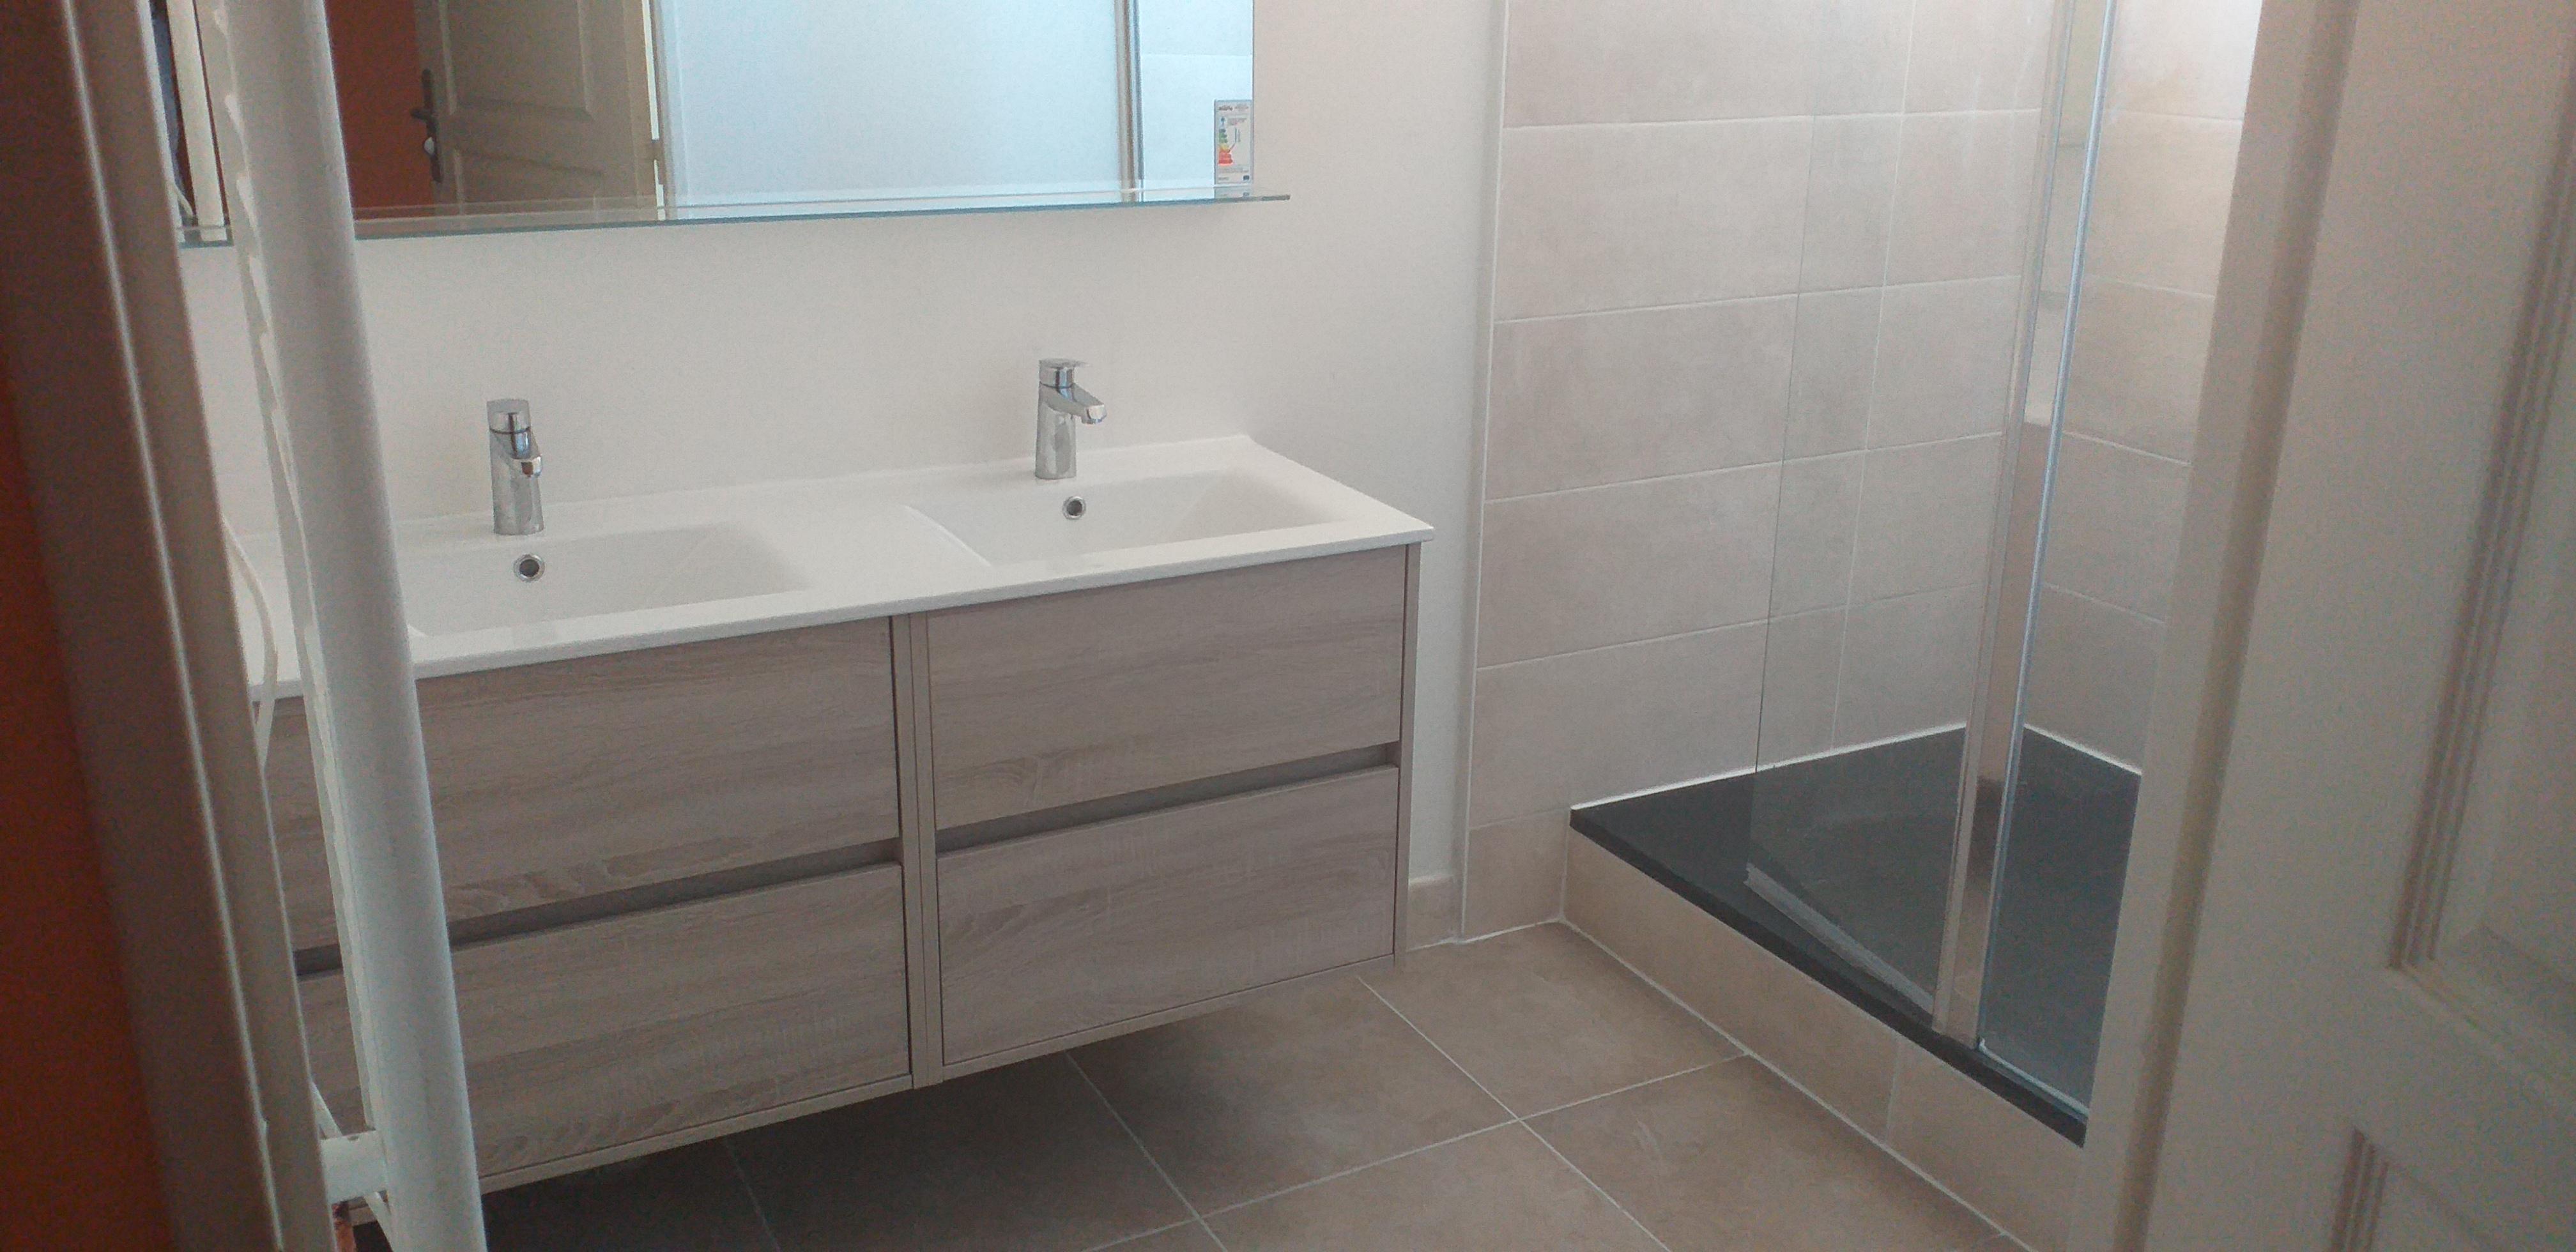 plombier les sorinières, remplacement d'une baignoire par un receveur de douche aux sorinières